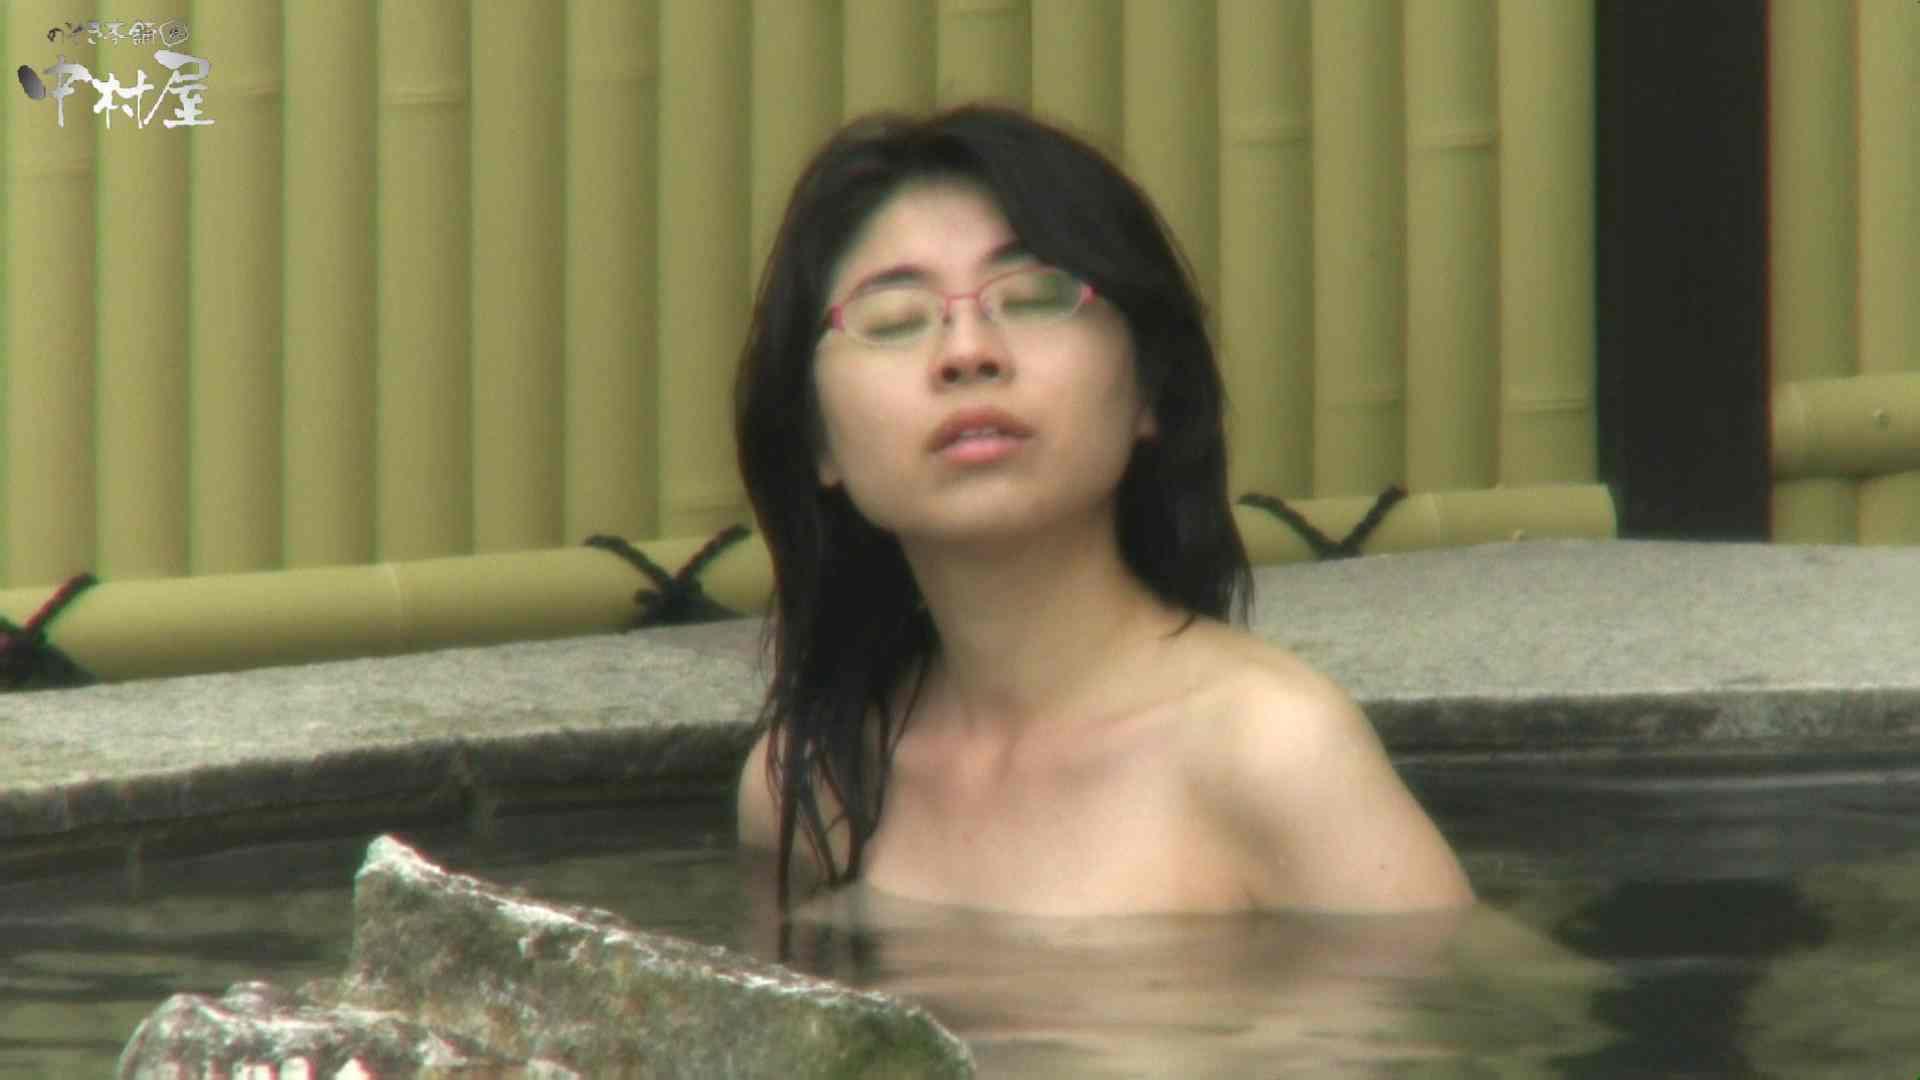 Aquaな露天風呂Vol.947 OLハメ撮り  61Pix 3